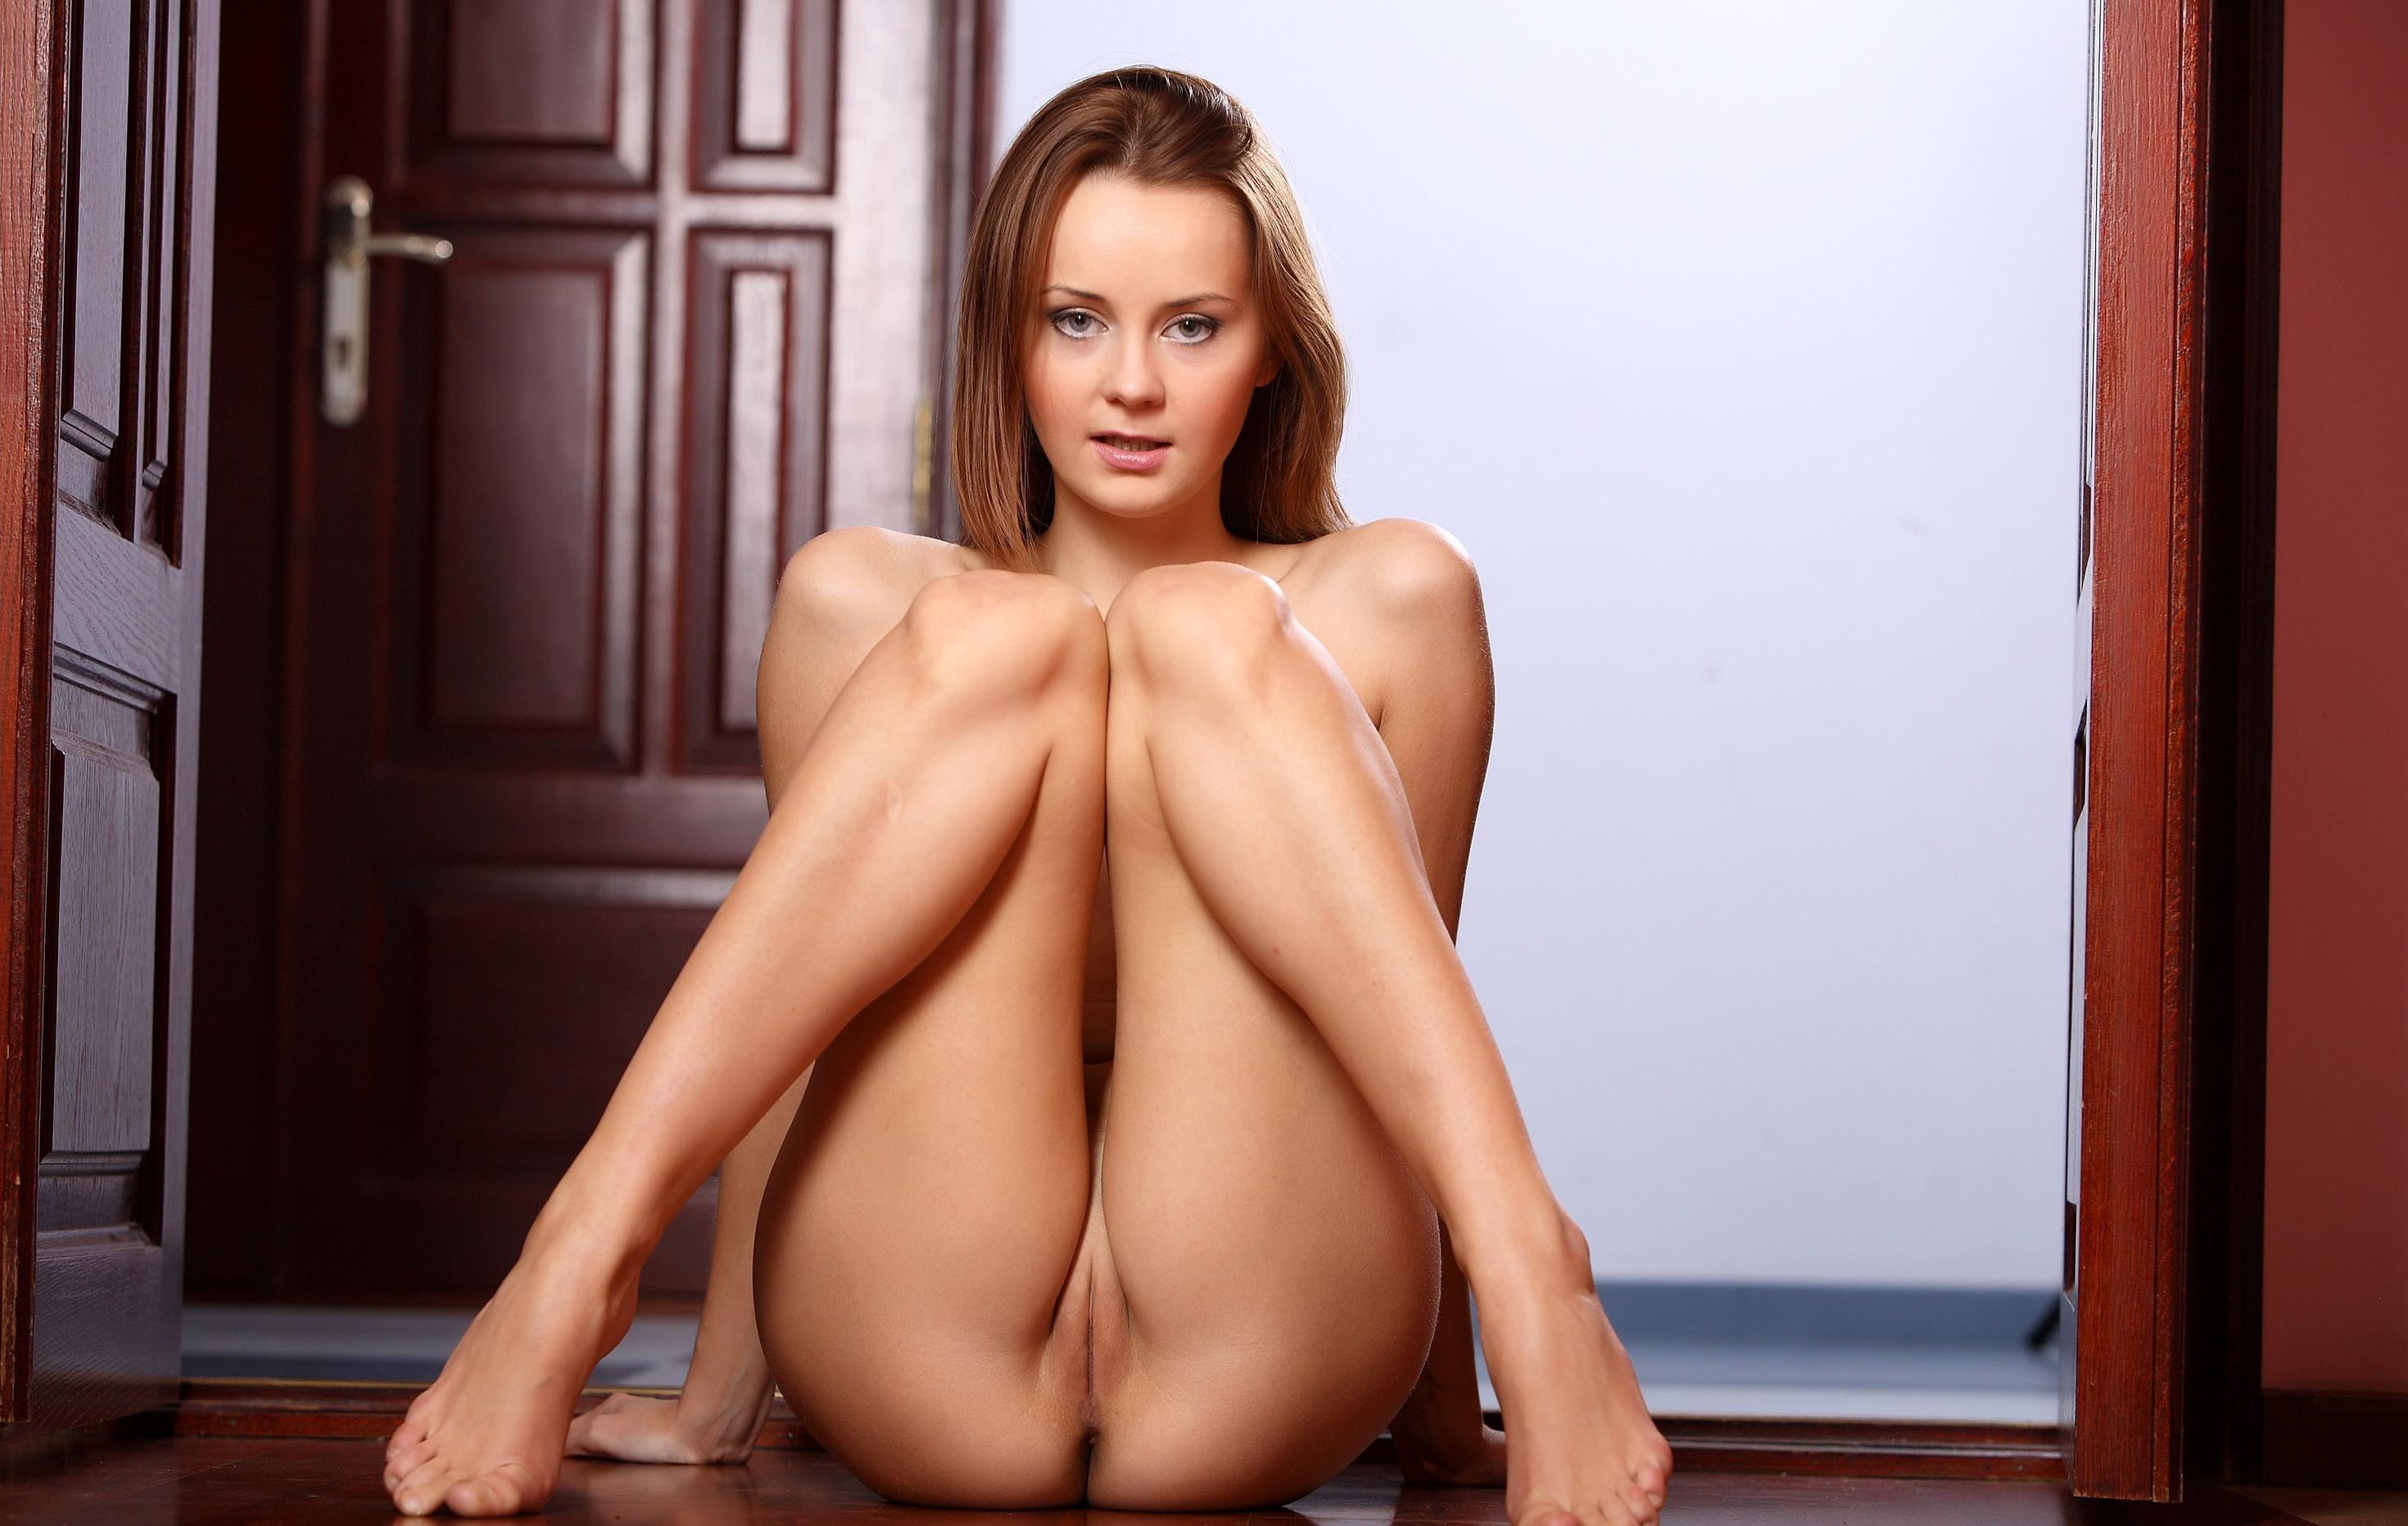 Фото Голая девушка присела на пол и эротично двигает ножками, упругая попа, красивая щелка между ног, сексуальные колени, скачать картинку бесплатно